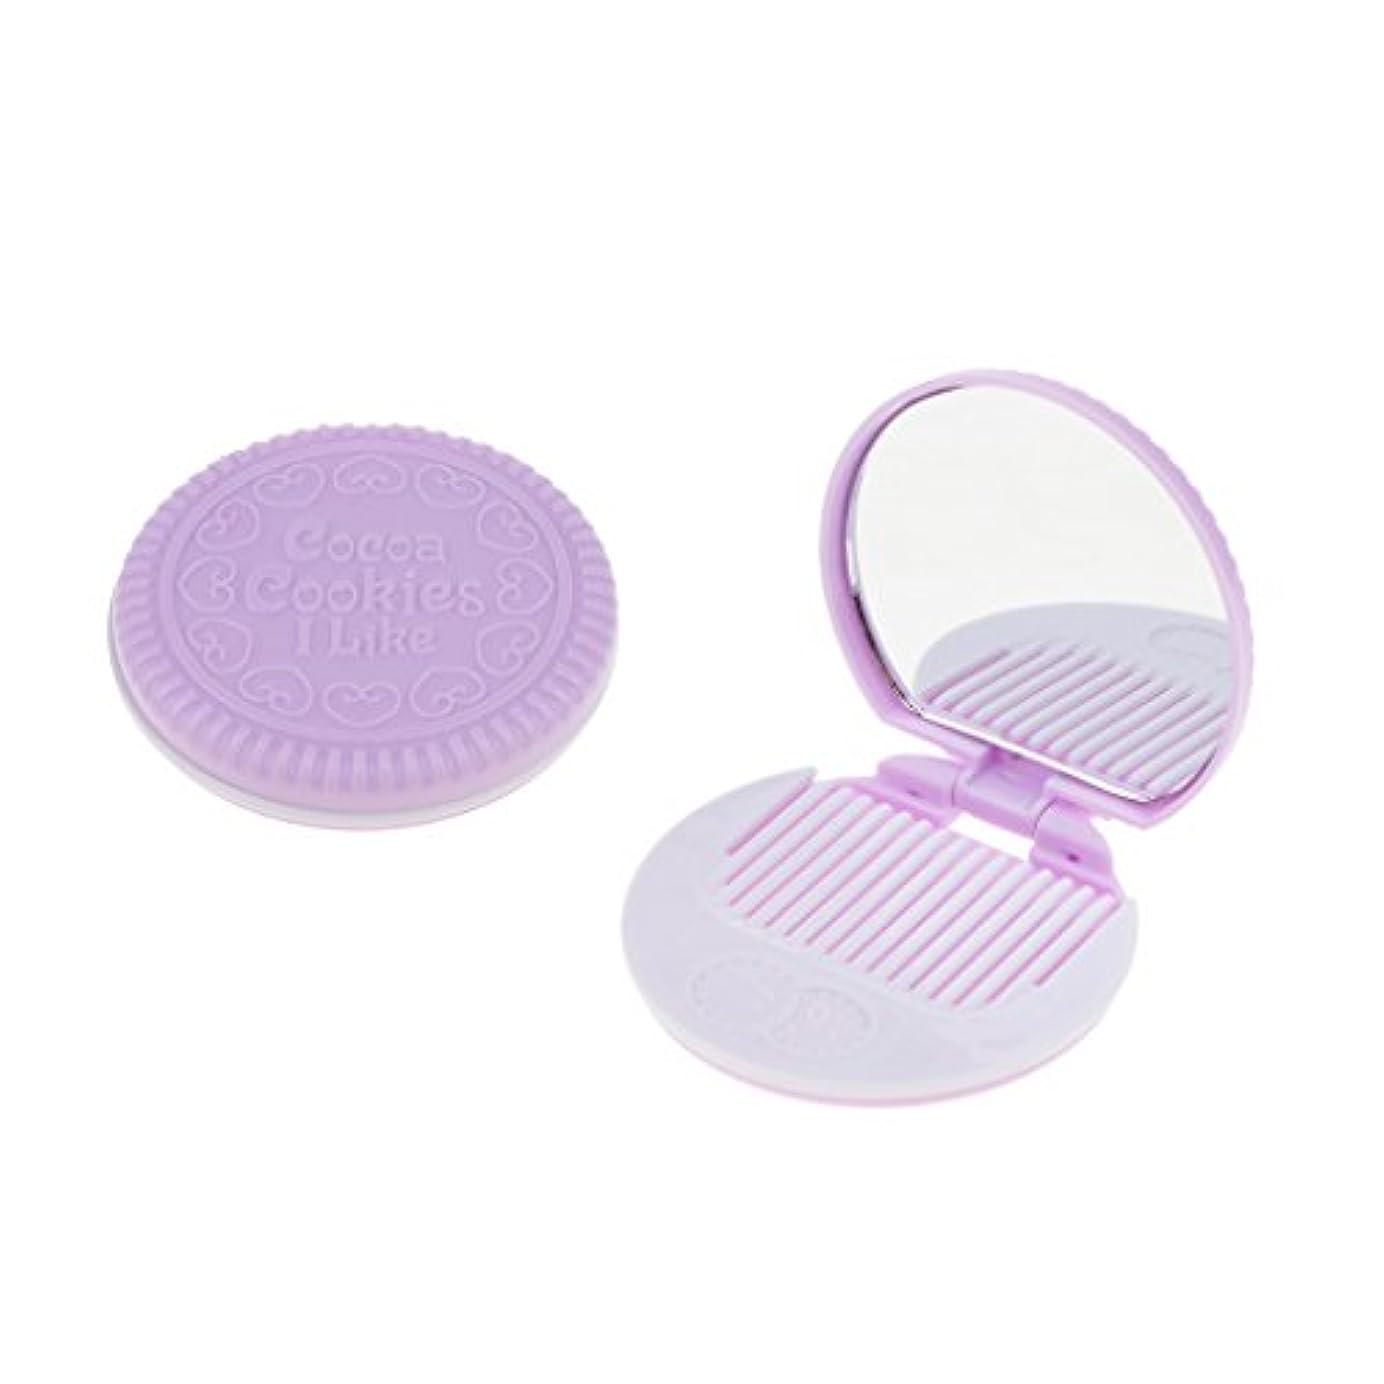 項目努力する崖2個入 メイクアップミラー 化粧ミラー 化粧鏡 コーム ポケットサイズ 可愛い ラウンド 折りたたみ 全4色 - 紫